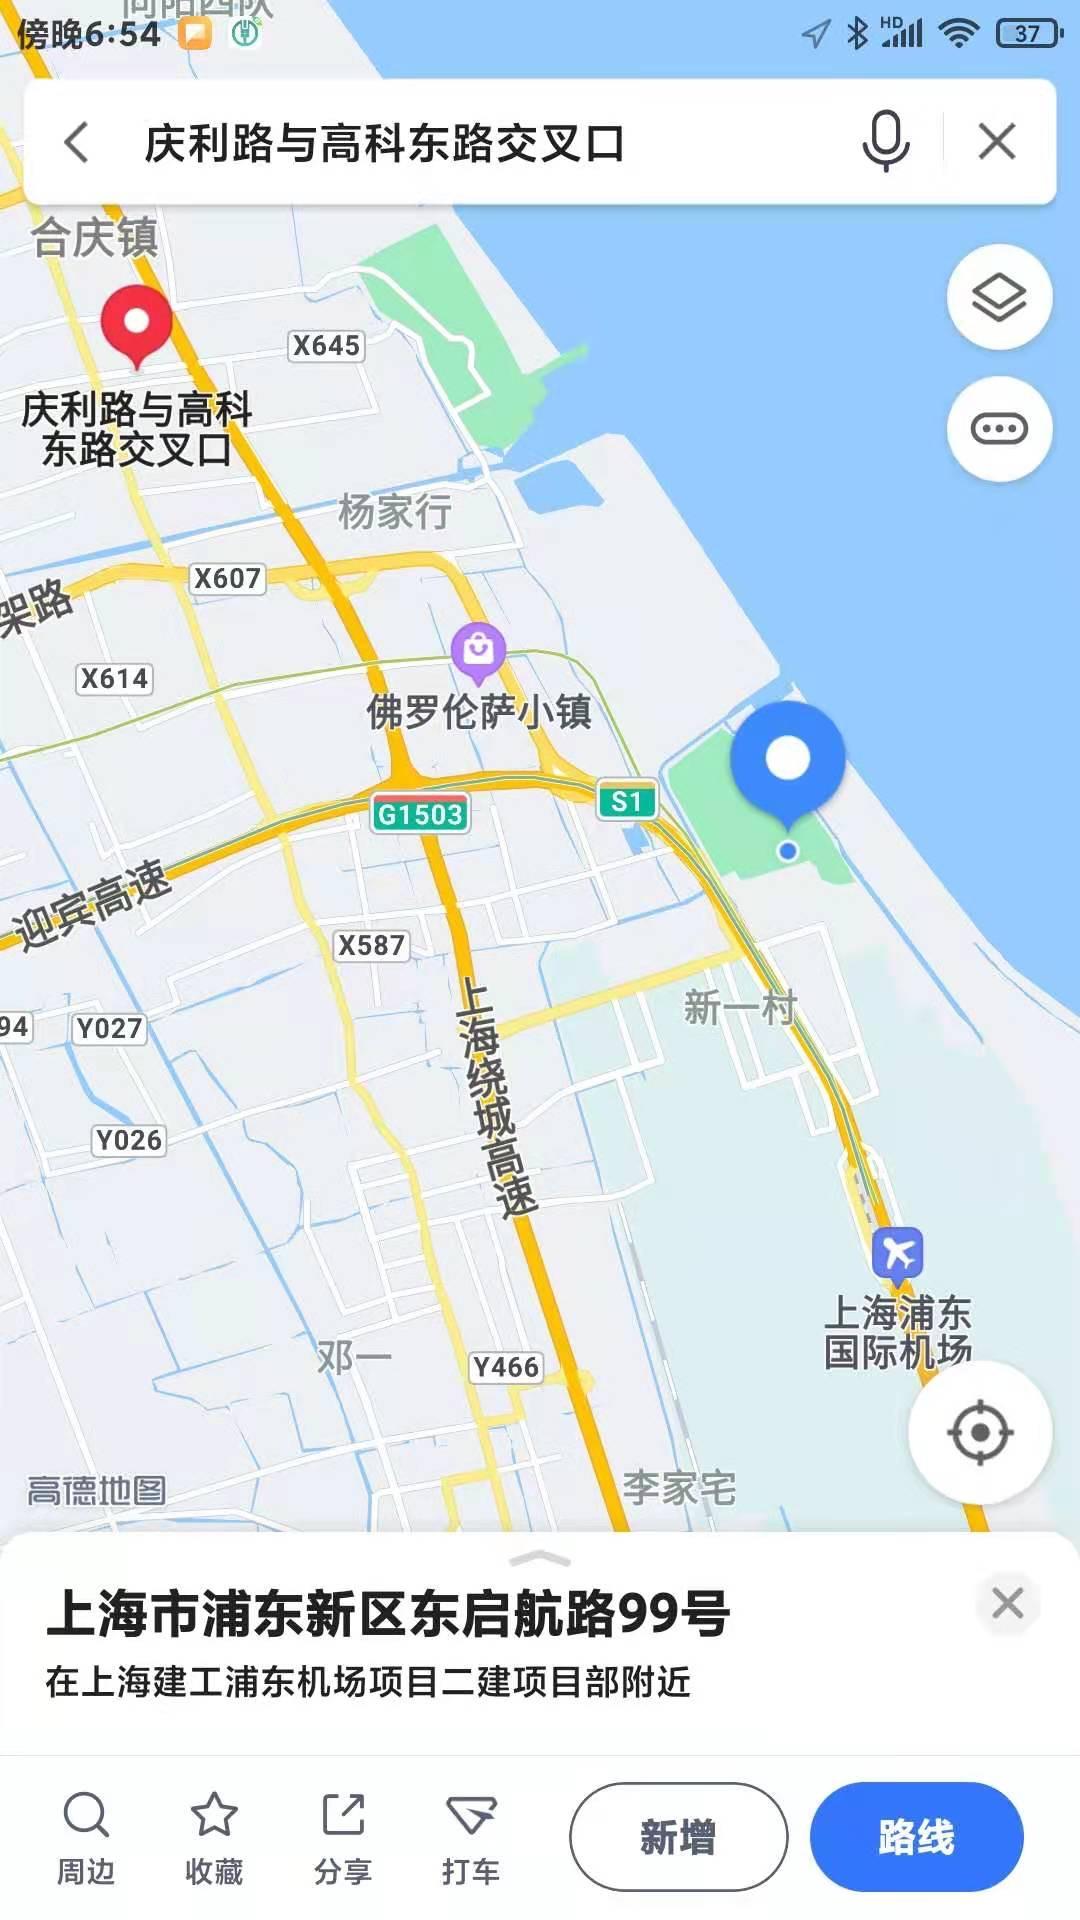 浦東建方艙醫院的地理位置。(網路圖片)